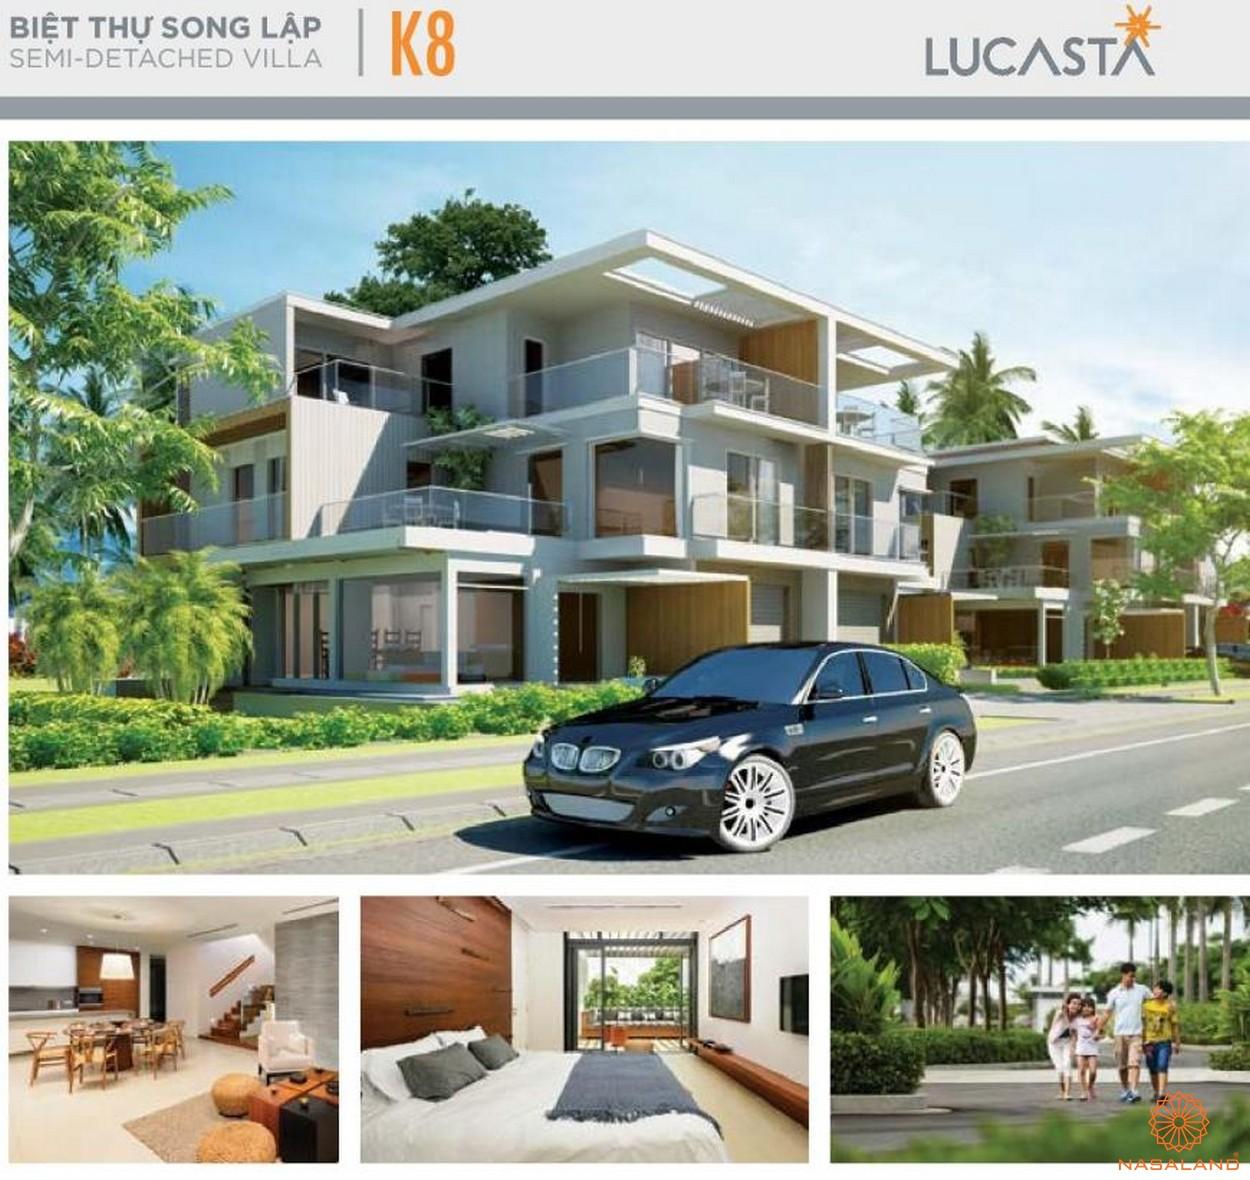 Nhà mẫu biệt thự song lập K8 tại dự án biệt thự Lucasta quận 9 tại dự án